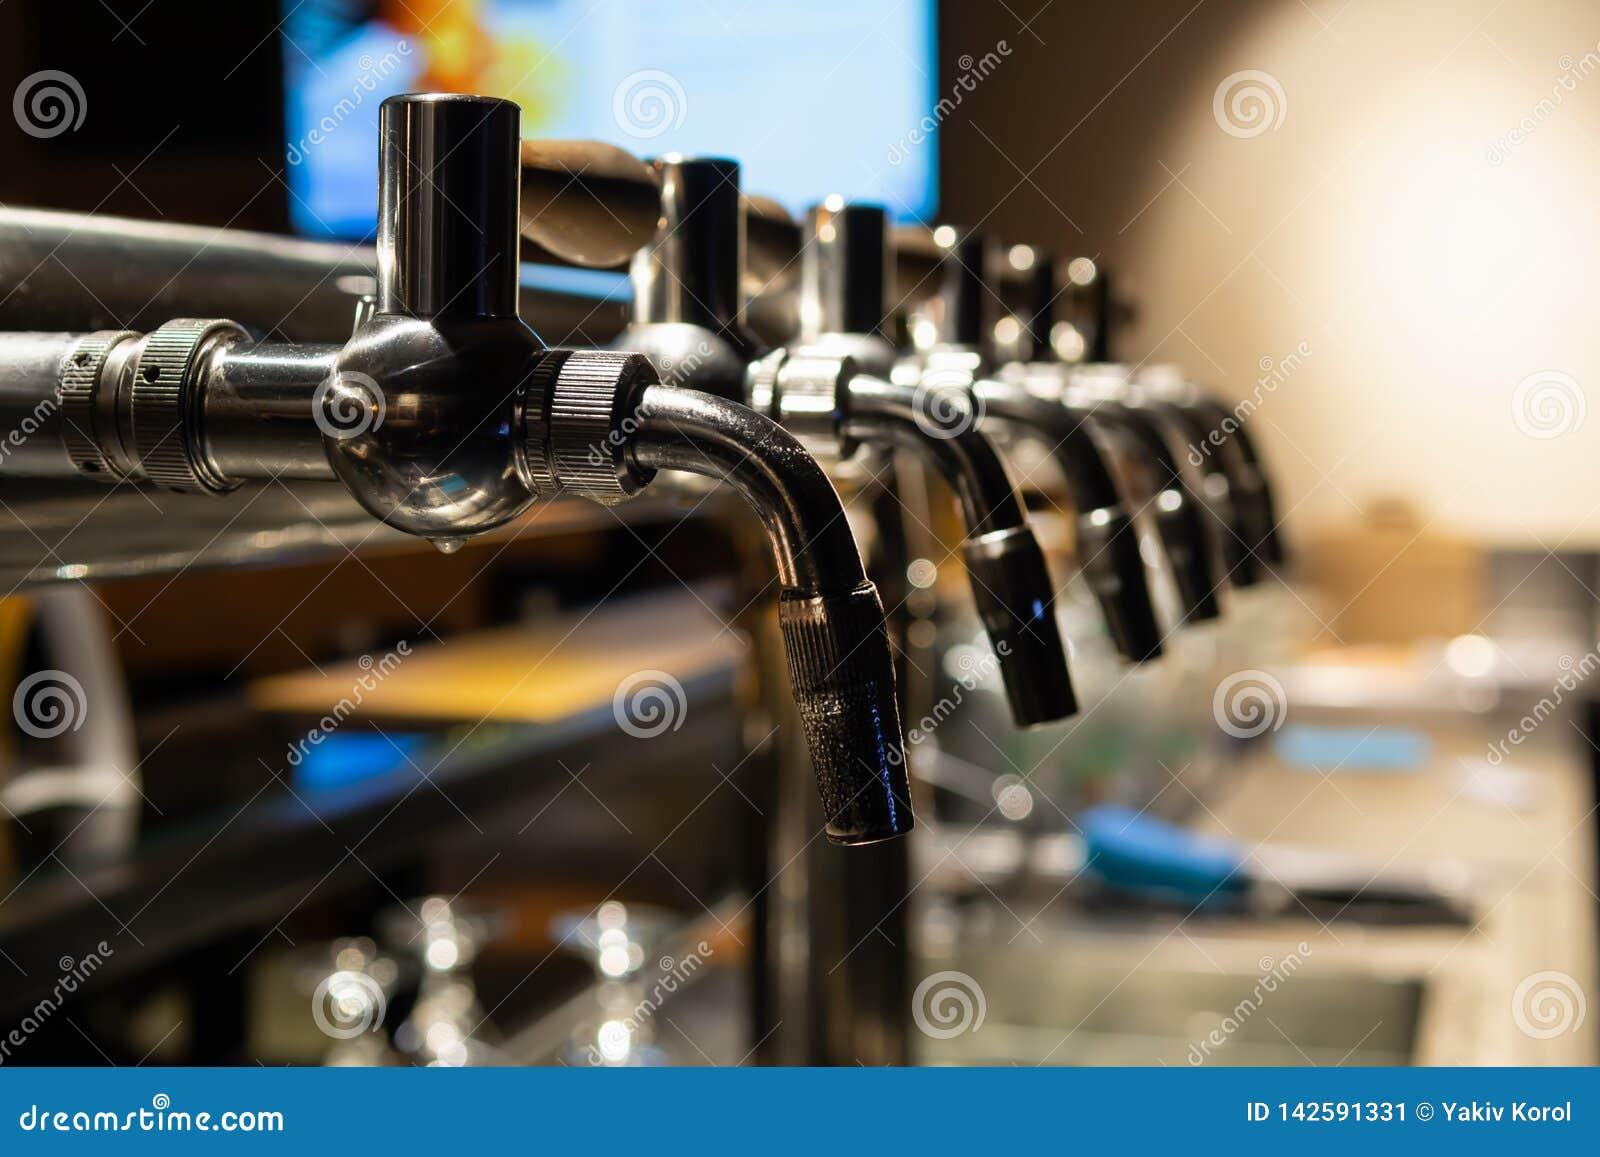 Χέρι bartender που χύνει μια μεγάλη μπύρα ξανθού γερμανικού ζύού στη βρύση Υπόλοιπο σε έναν φραγμό με τους φίλους